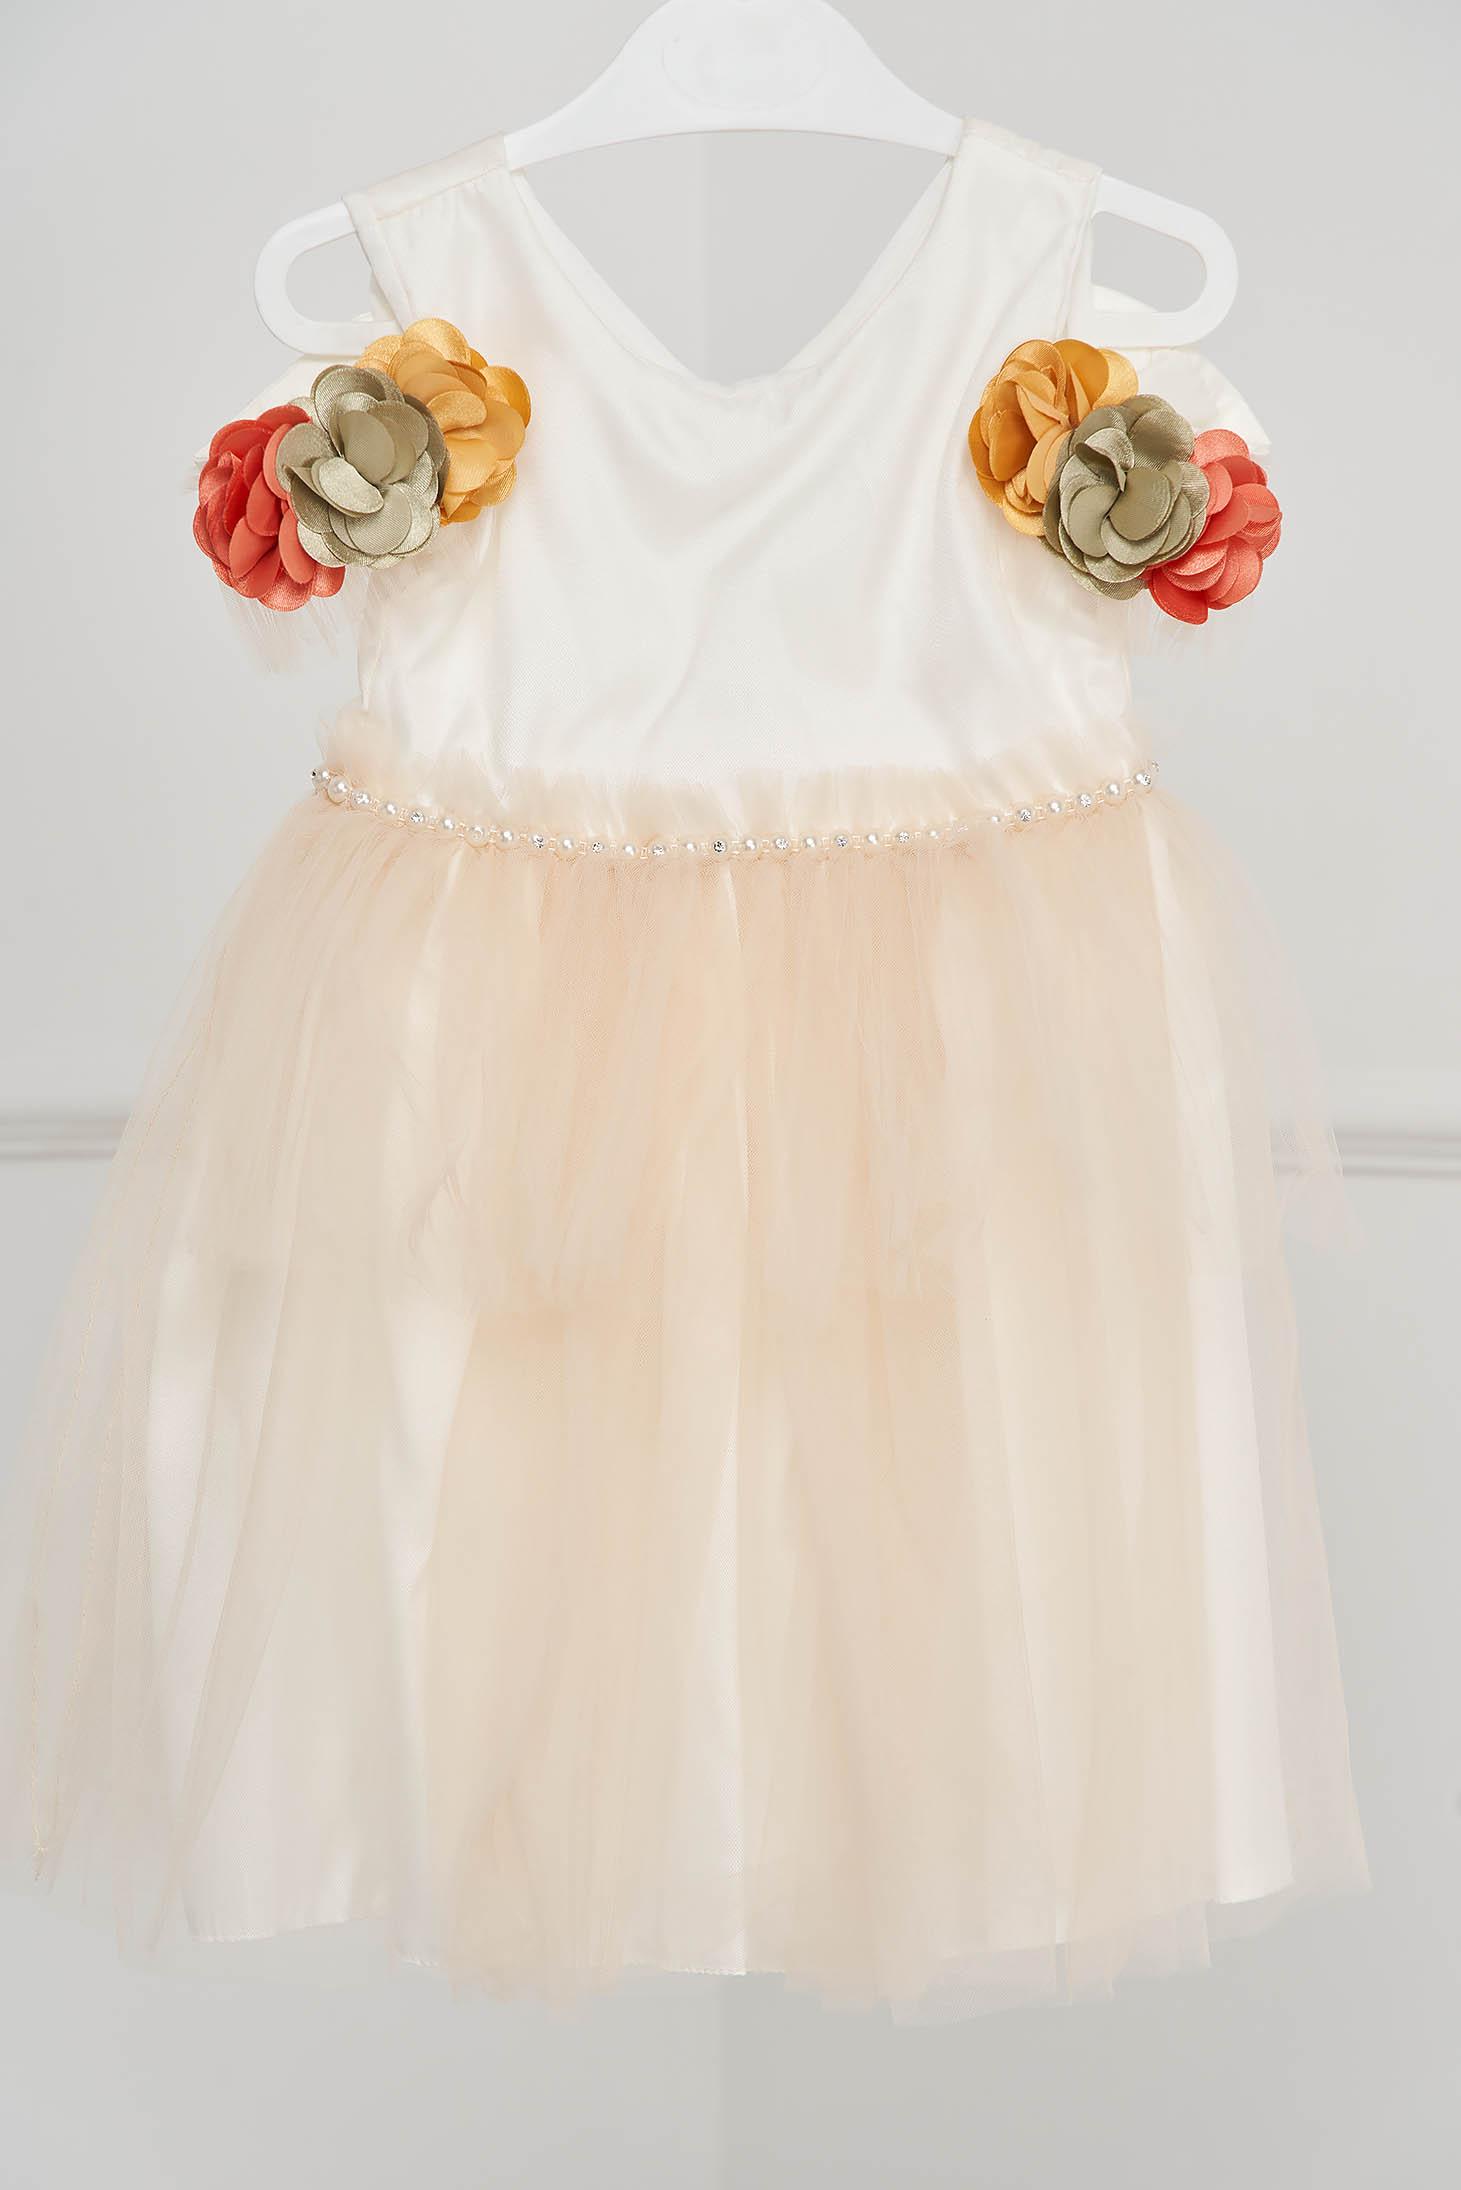 Rochie pentru fetite ivoire de ocazie din tul cu aplicatii cu margele iin talie si flori in relief la maneci